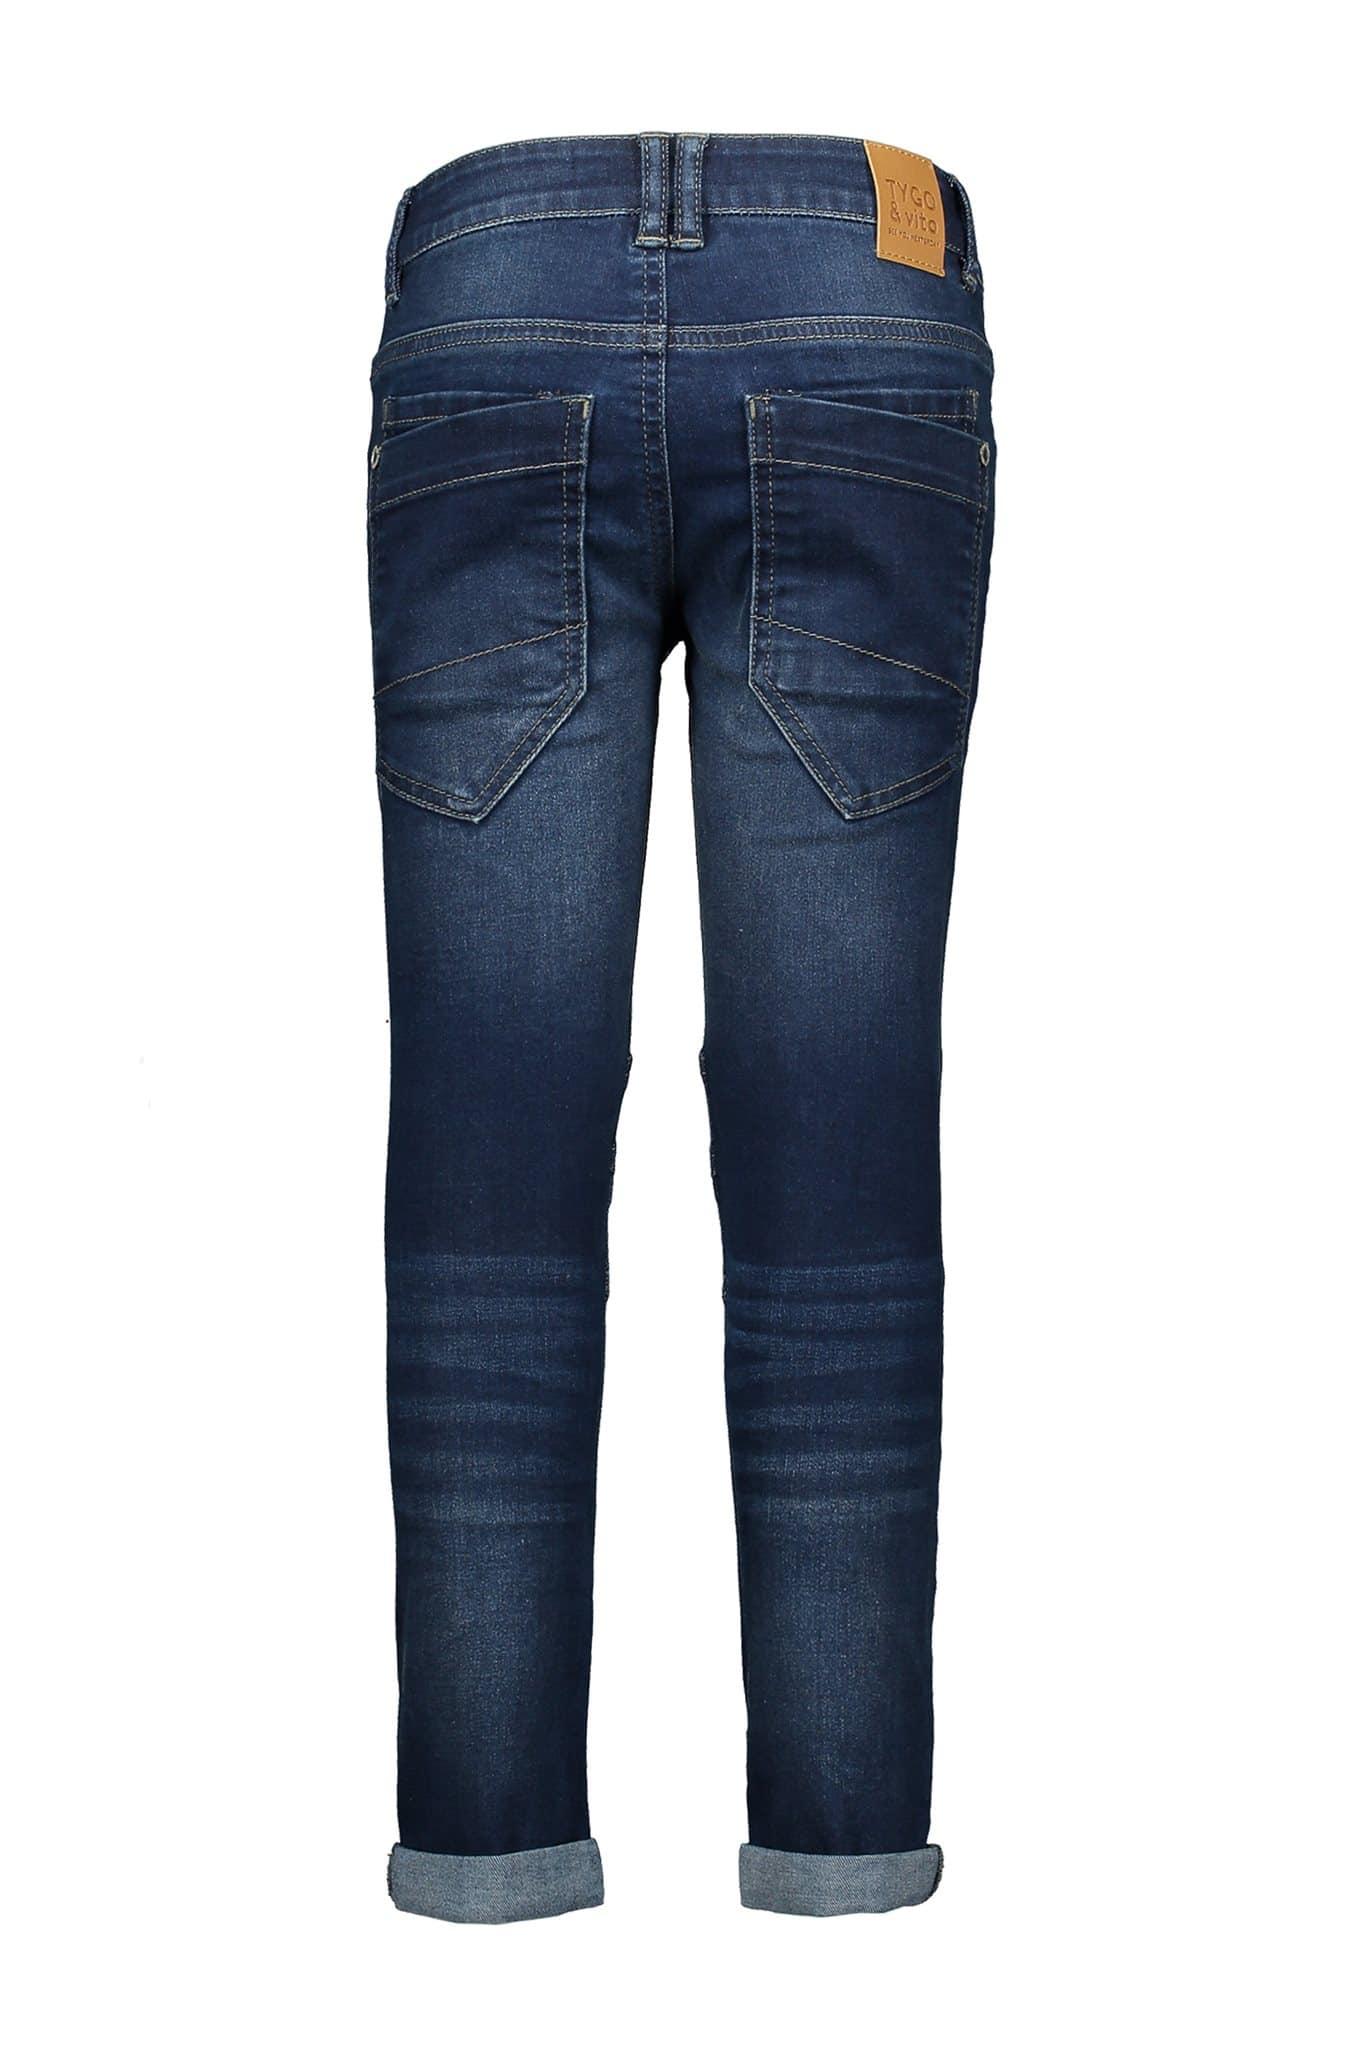 Tygo & Vito jeans knee